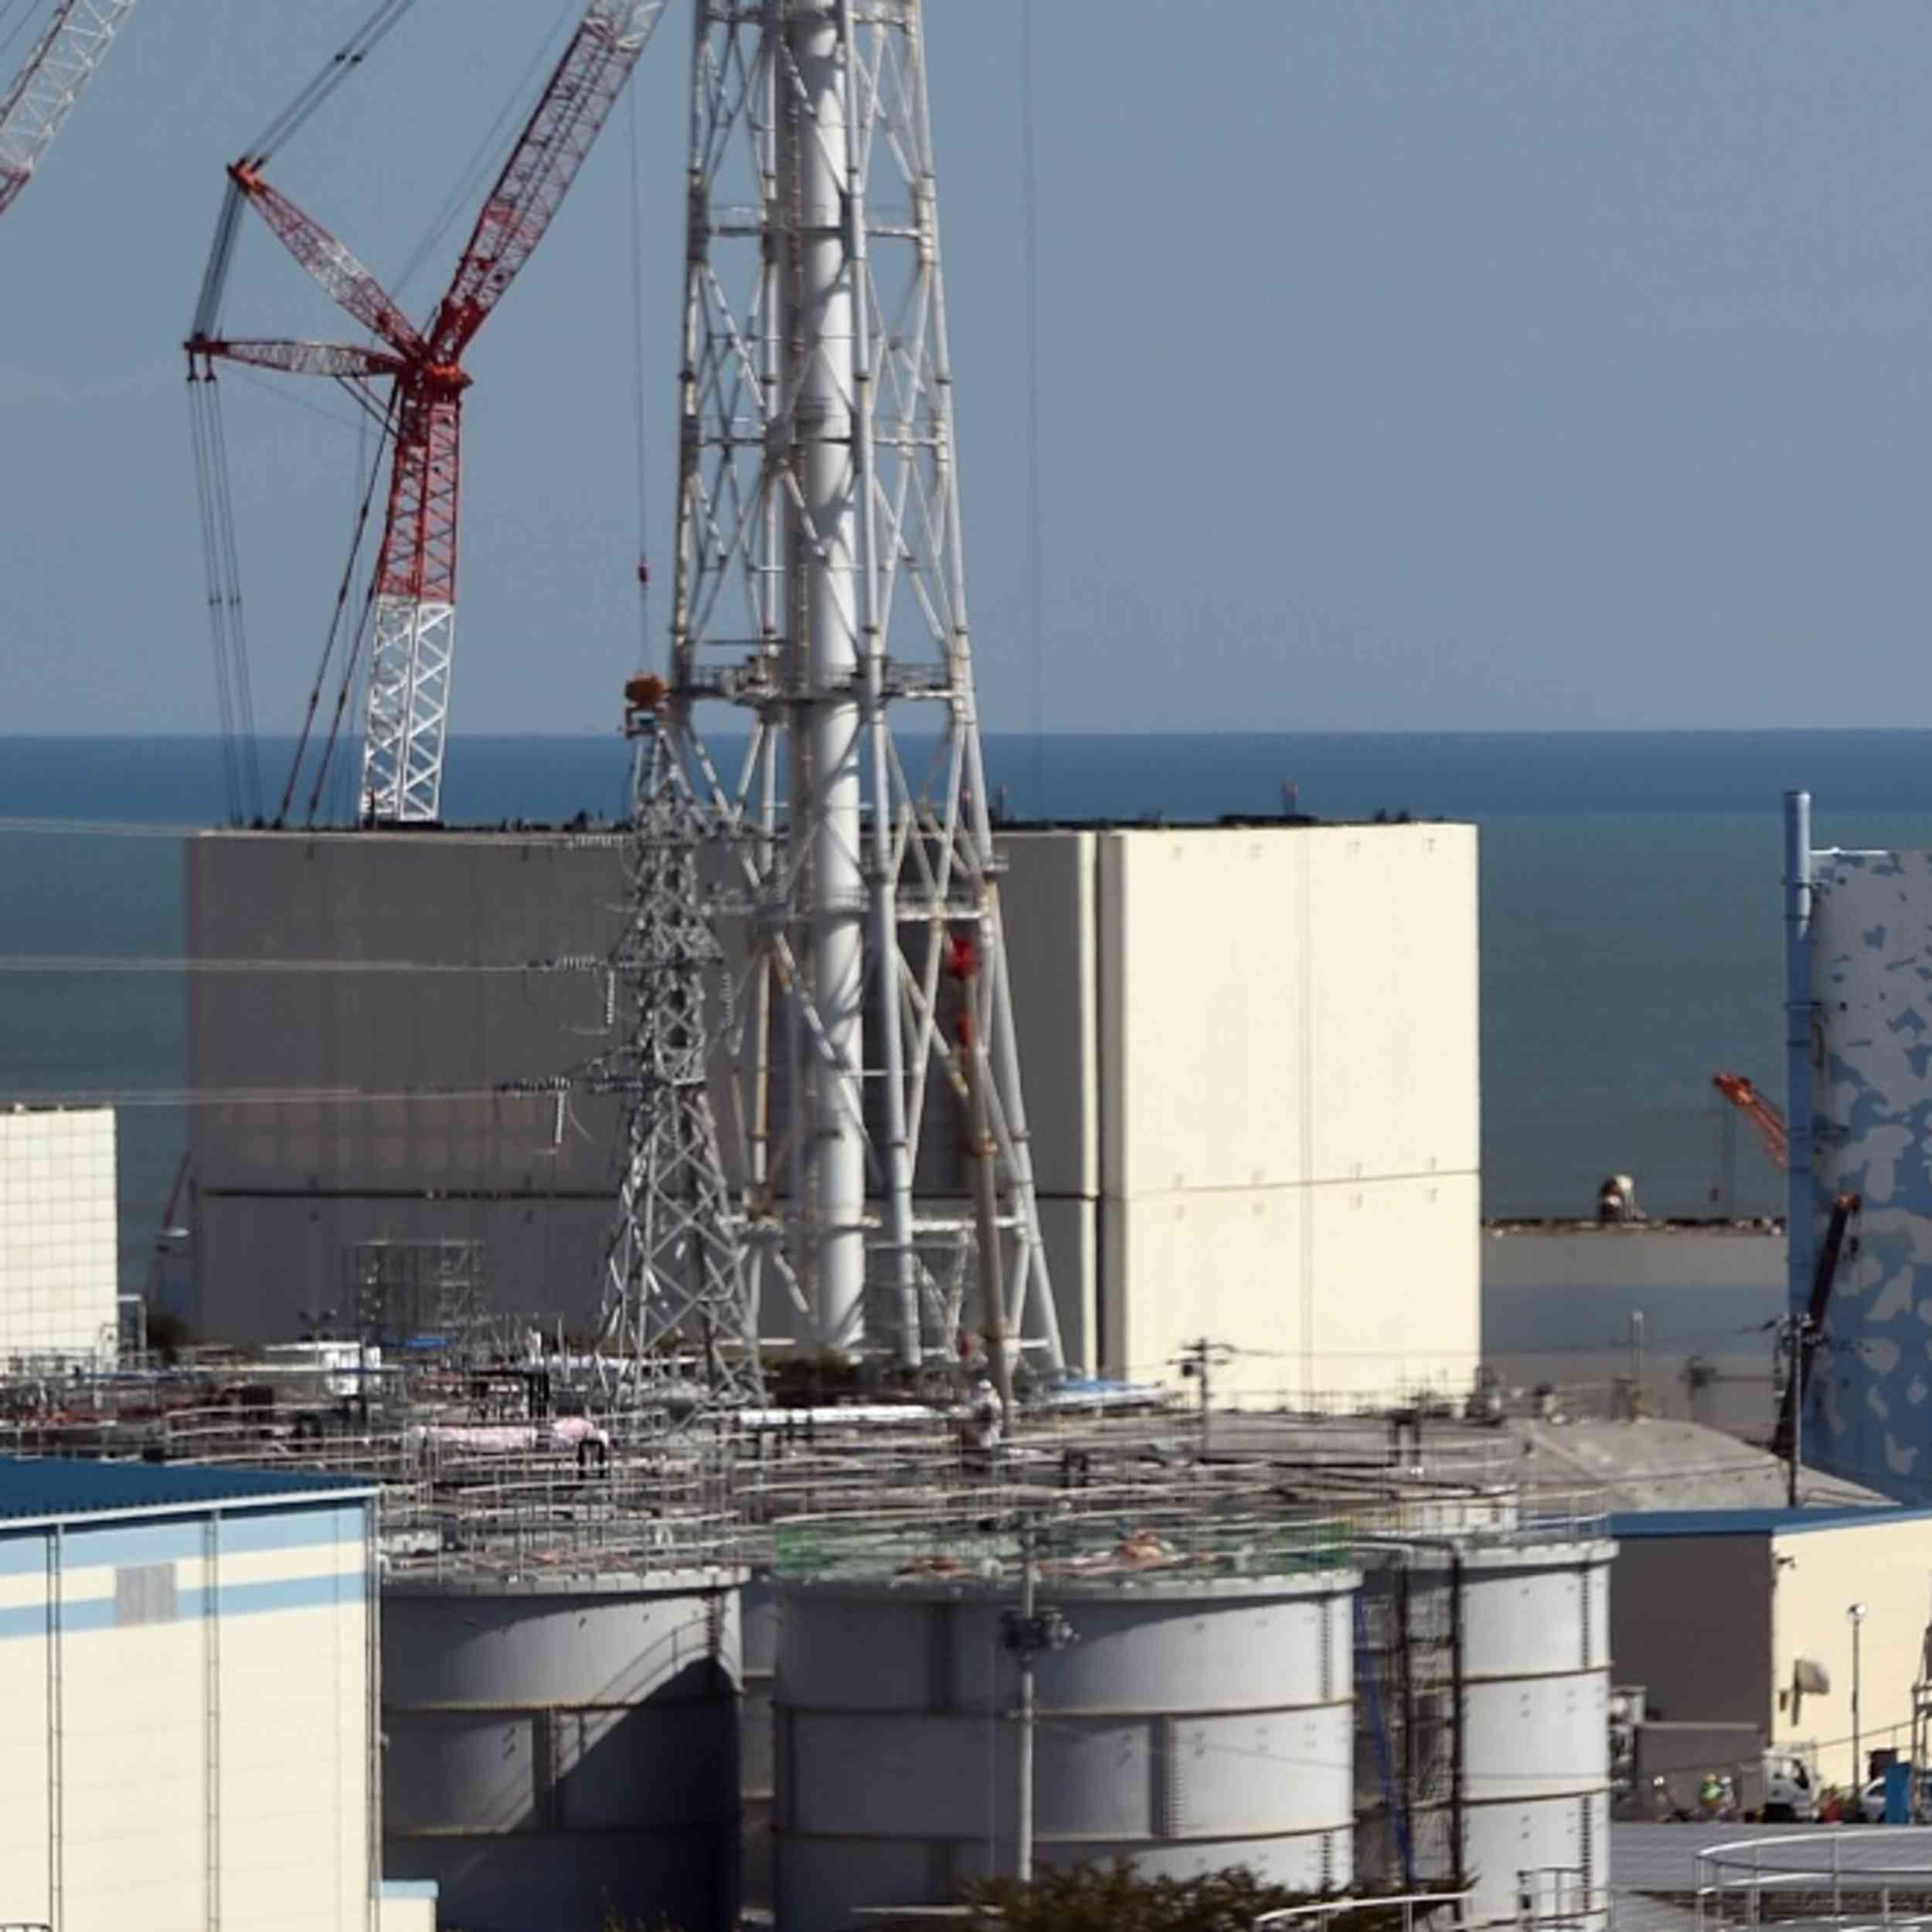 Ein Unterwasserroboter soll Fukushimas Reaktor 3 aufräumen   WIRED Germany